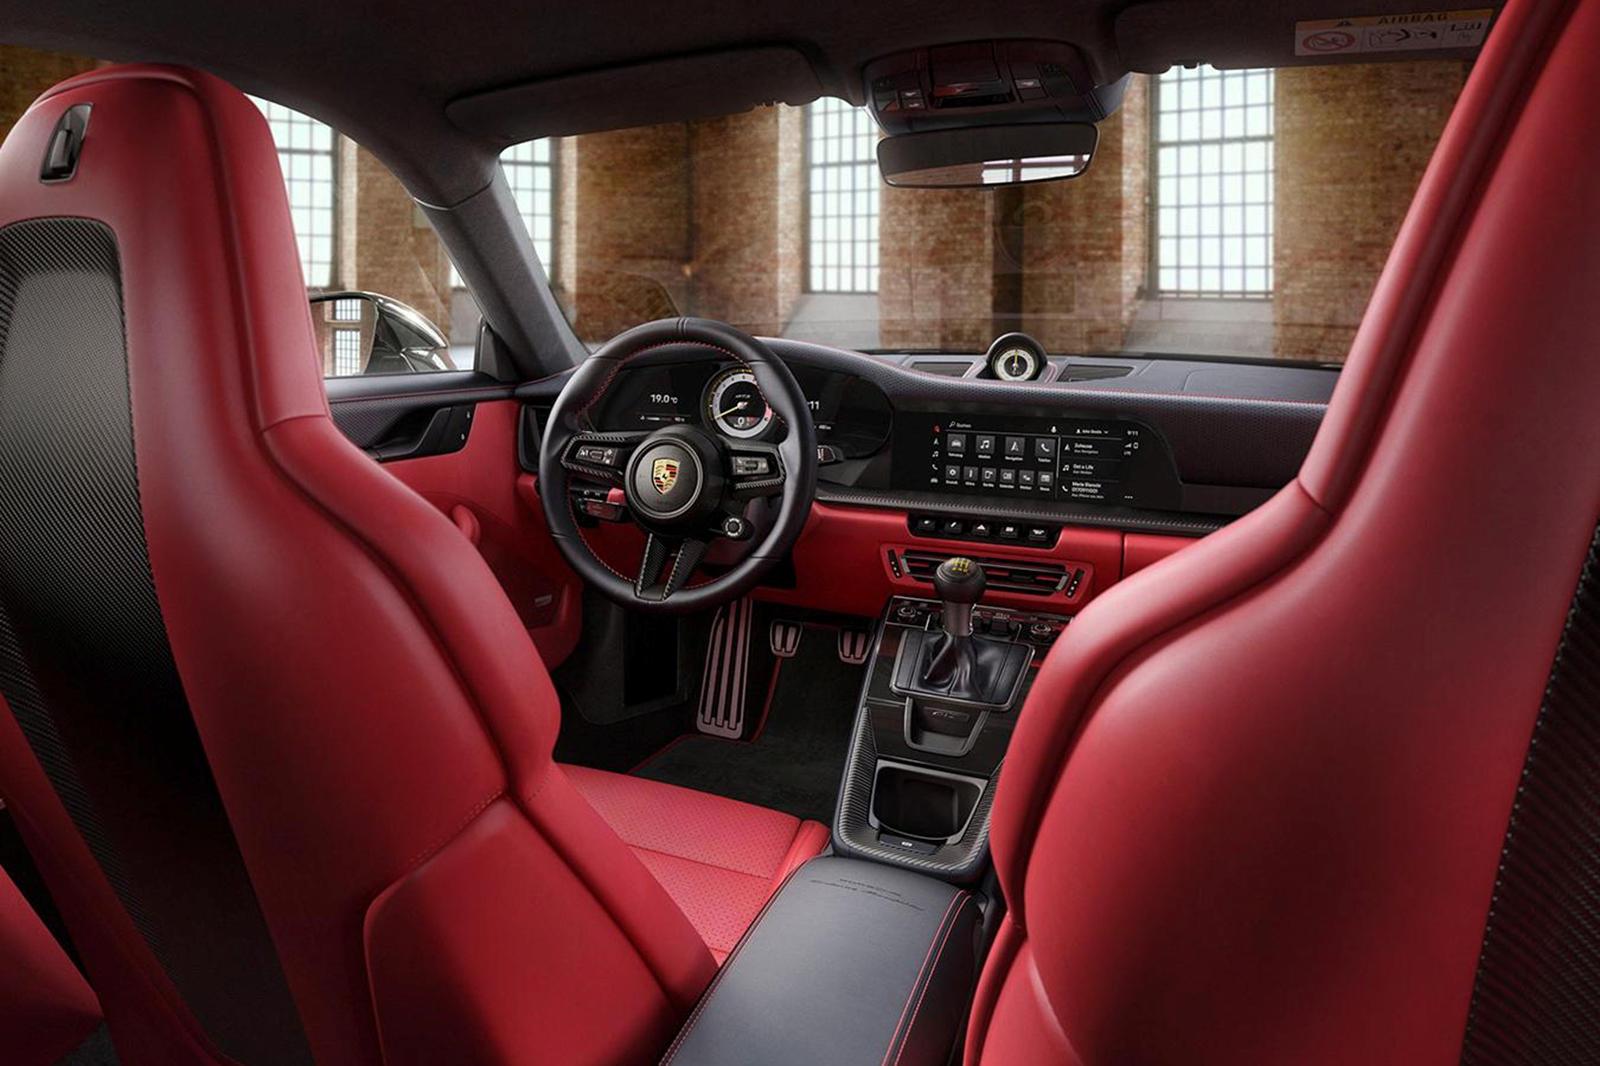 Внутри индивидуализированный 911 GT3 Touring отличается потрясающим двухцветным кожаным салоном Exclusive Manufaktur в черном и красном цветах Lipstick Red, дополненным красной строчкой и окантовкой на ковриках. Это идеальное сочетание придает 911 GT